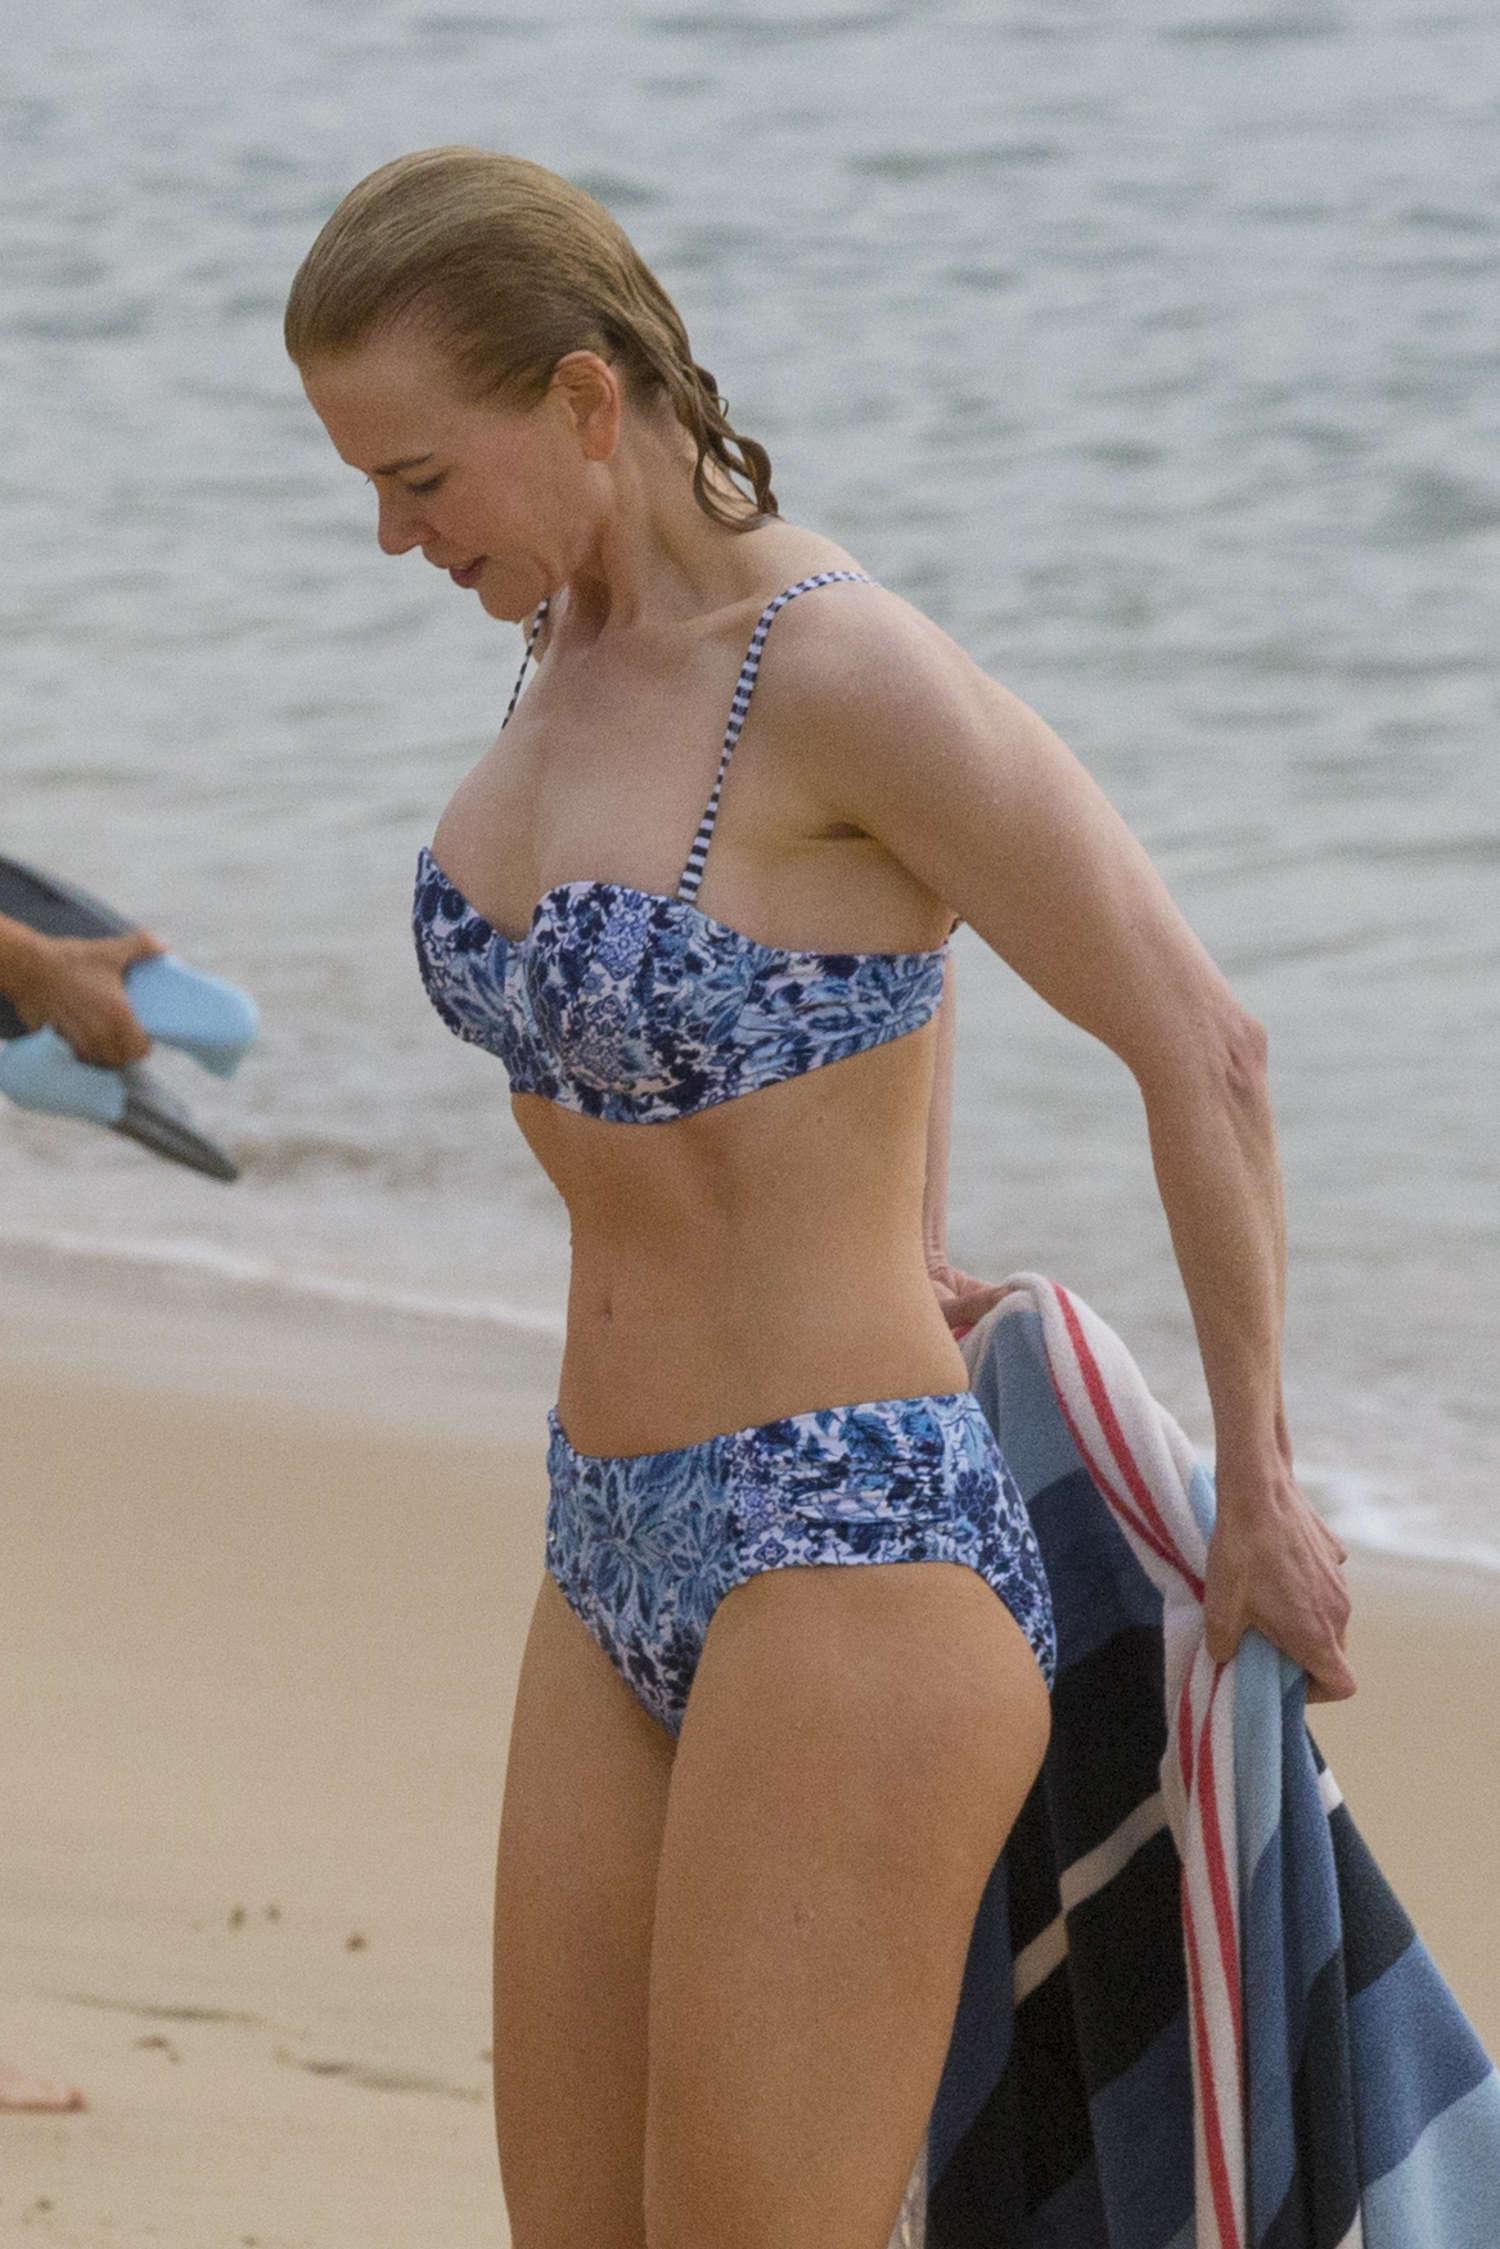 Nicole Kidman in Bikin...